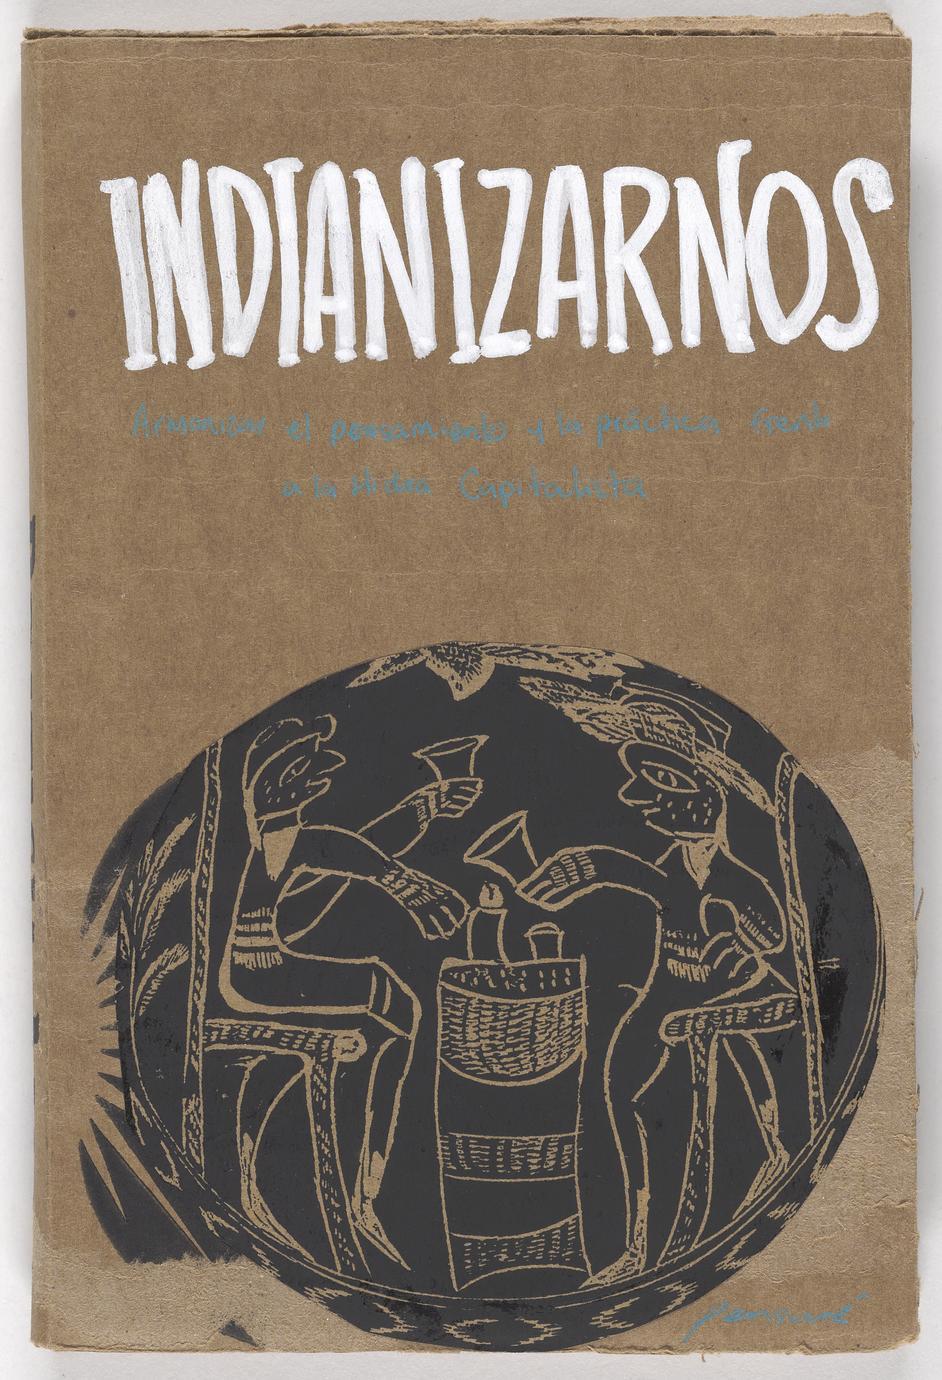 Indianizarnos : armonizar el pensamiento y la práctica frente a la Hidra capitalista (1 of 3)